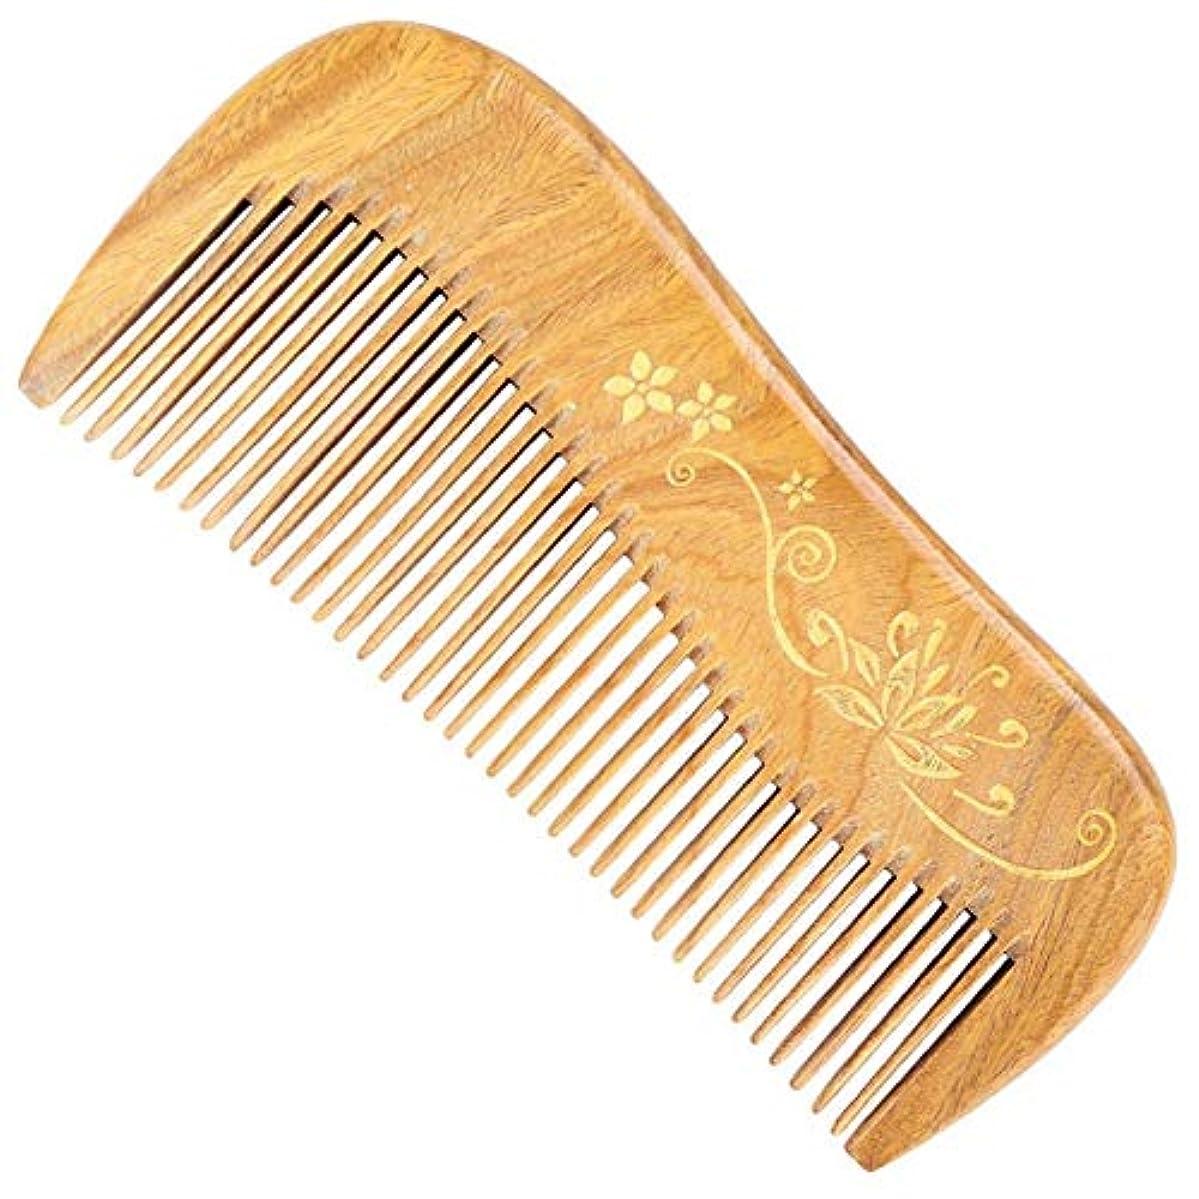 仮称ましい対話Guomao 玉サンダルウッドの櫛彫りのタッチゴールド理髪櫛 (Size : 12.5*5.5*1.1 cm)